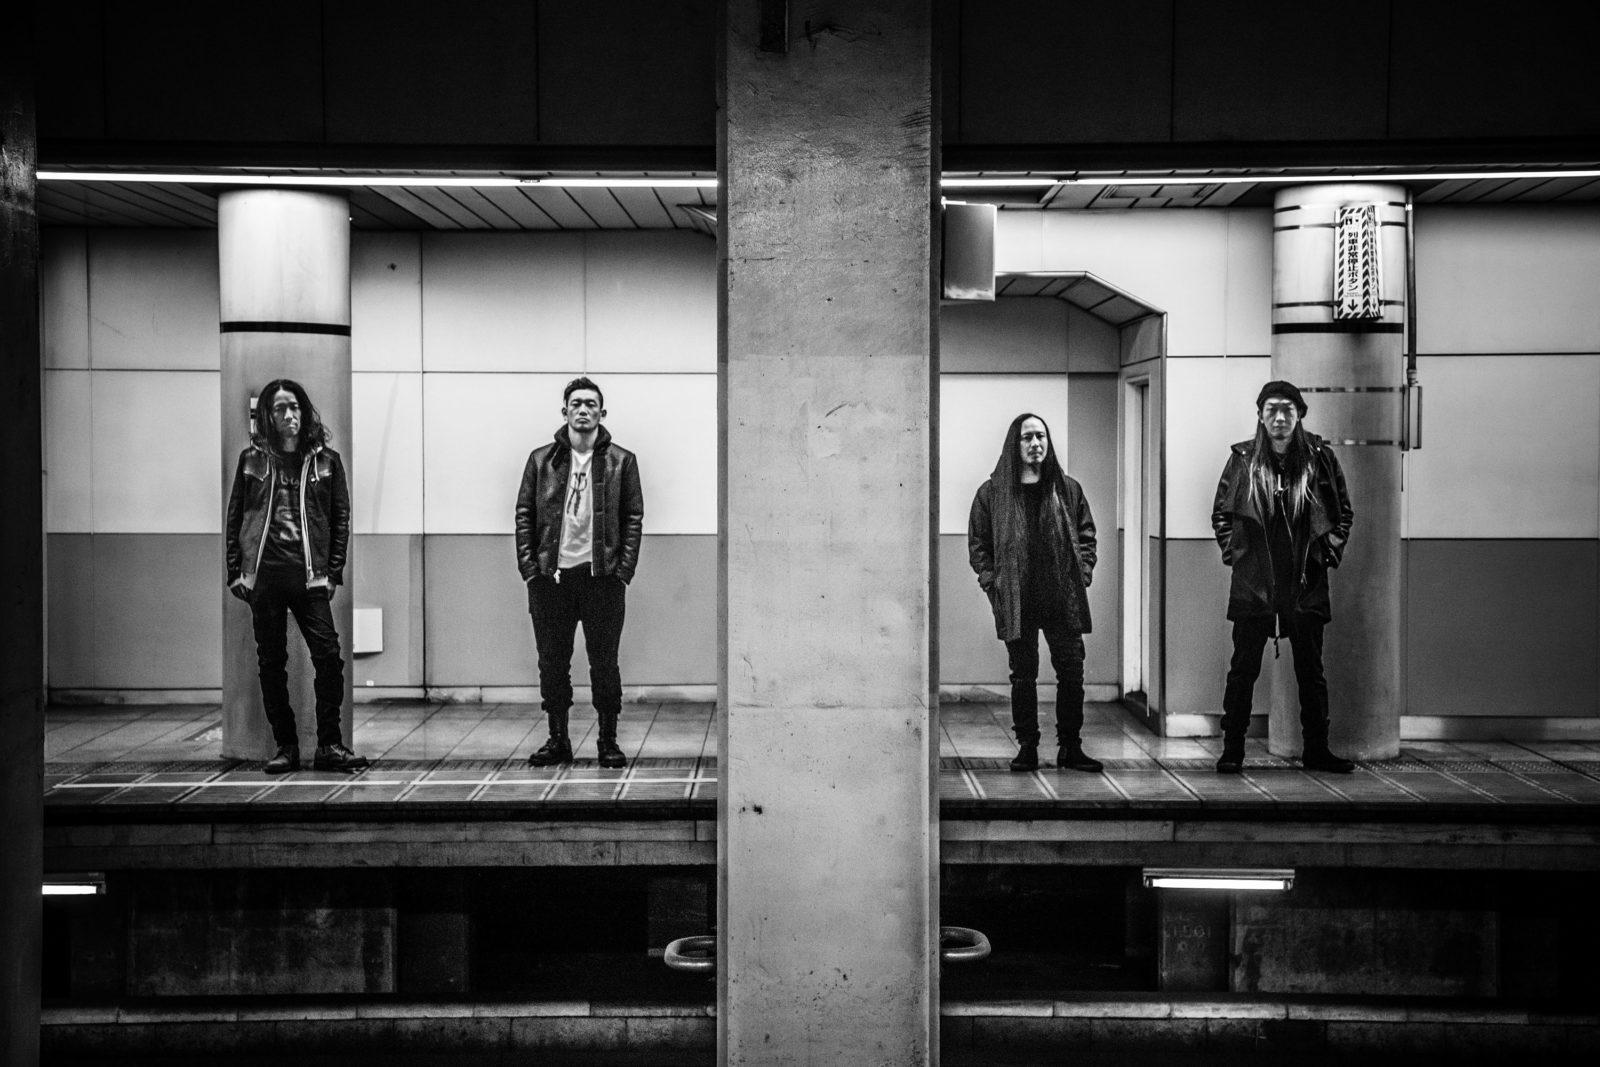 BRAHMAN、5年ぶりのフルアルバムから「AFTER-SENSATION」のMVを解禁サムネイル画像